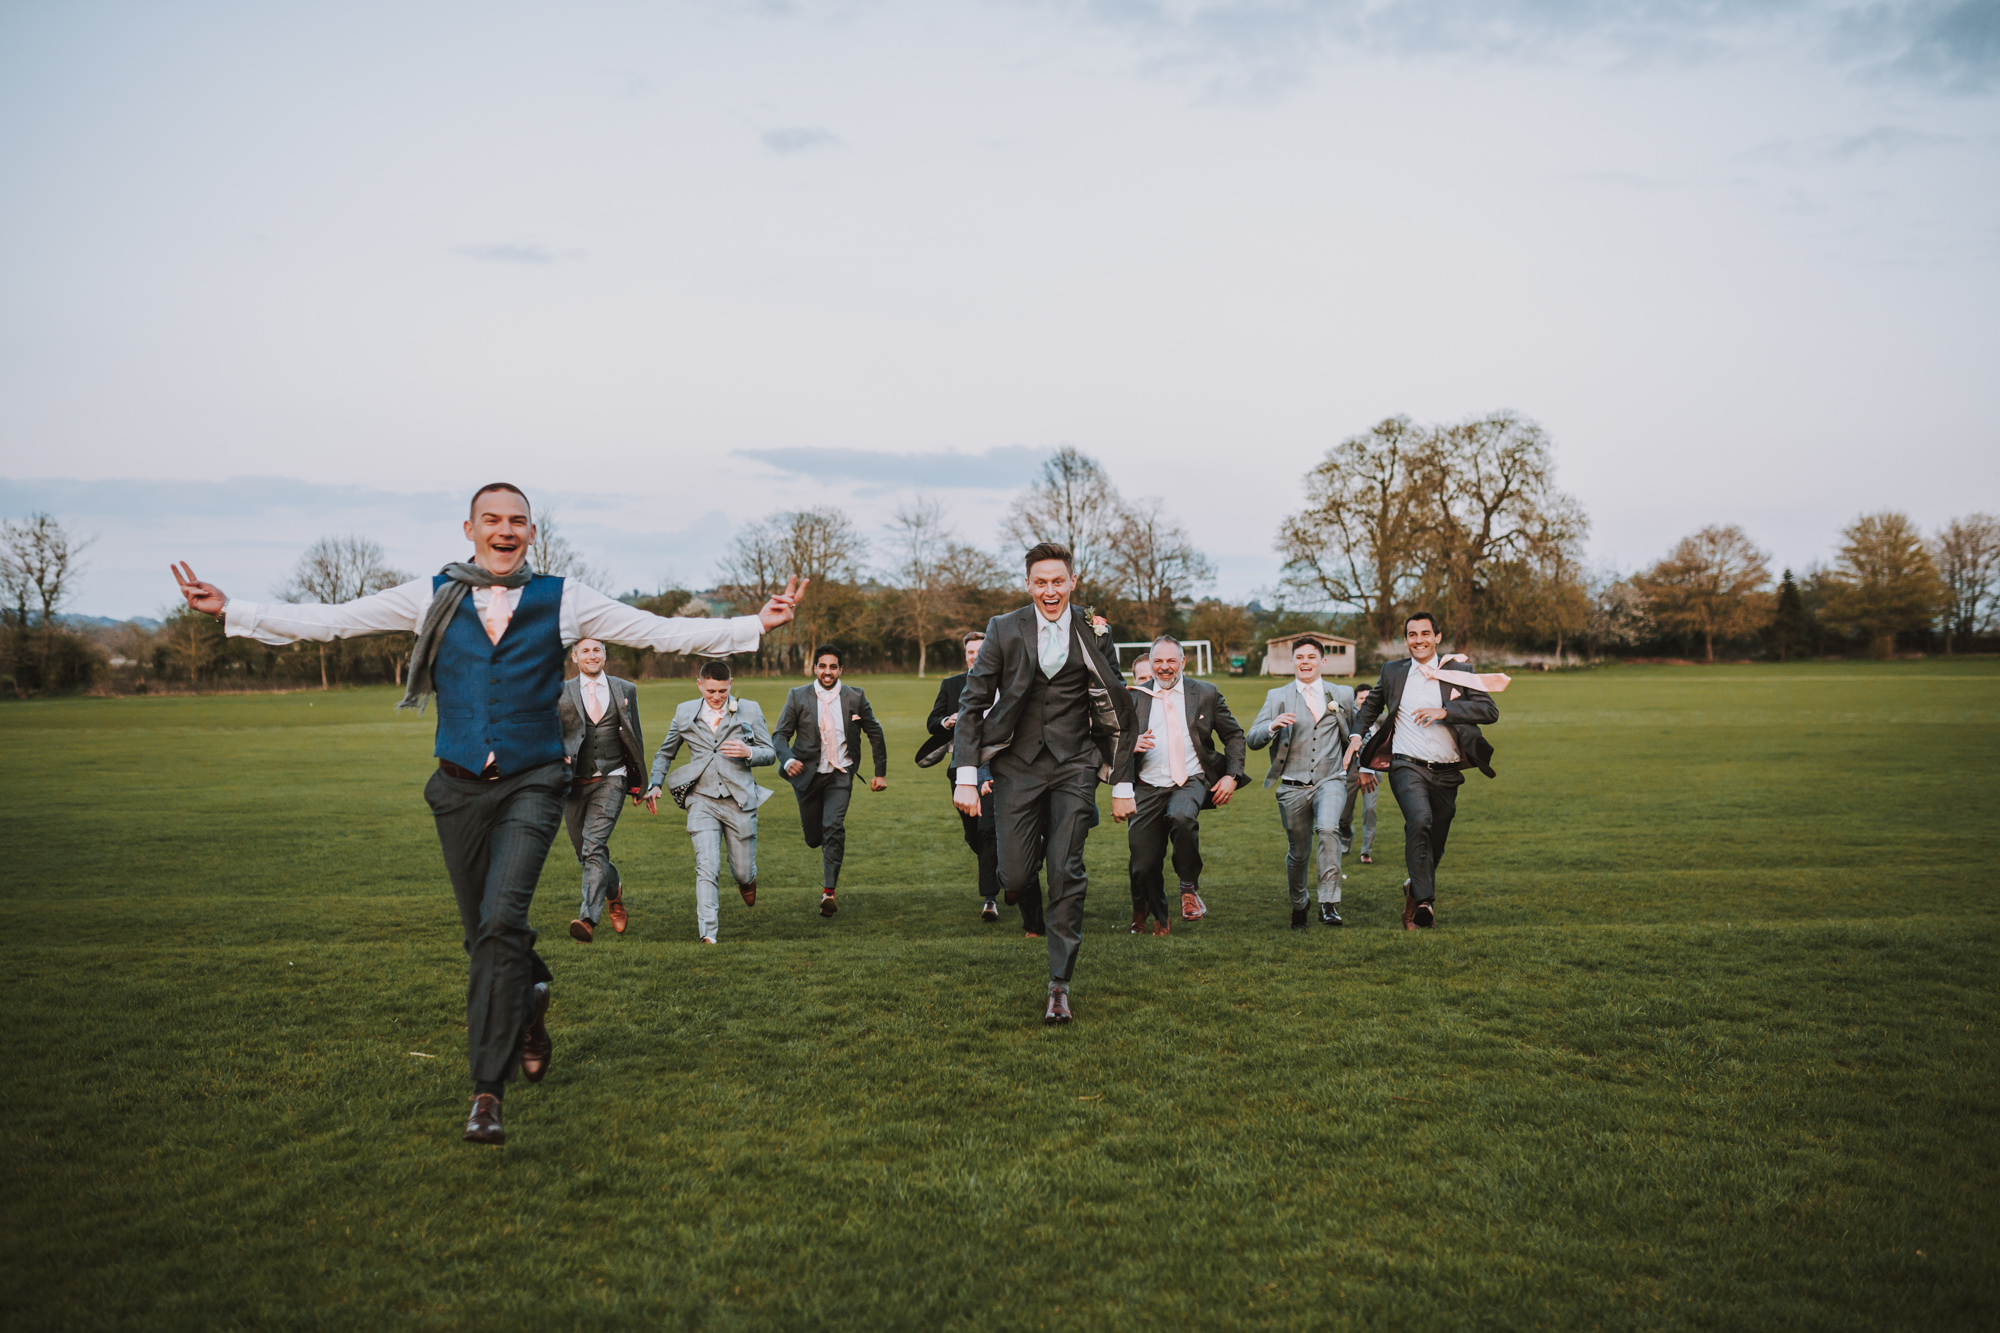 wedding photographers in buckinghamshire-33.jpg